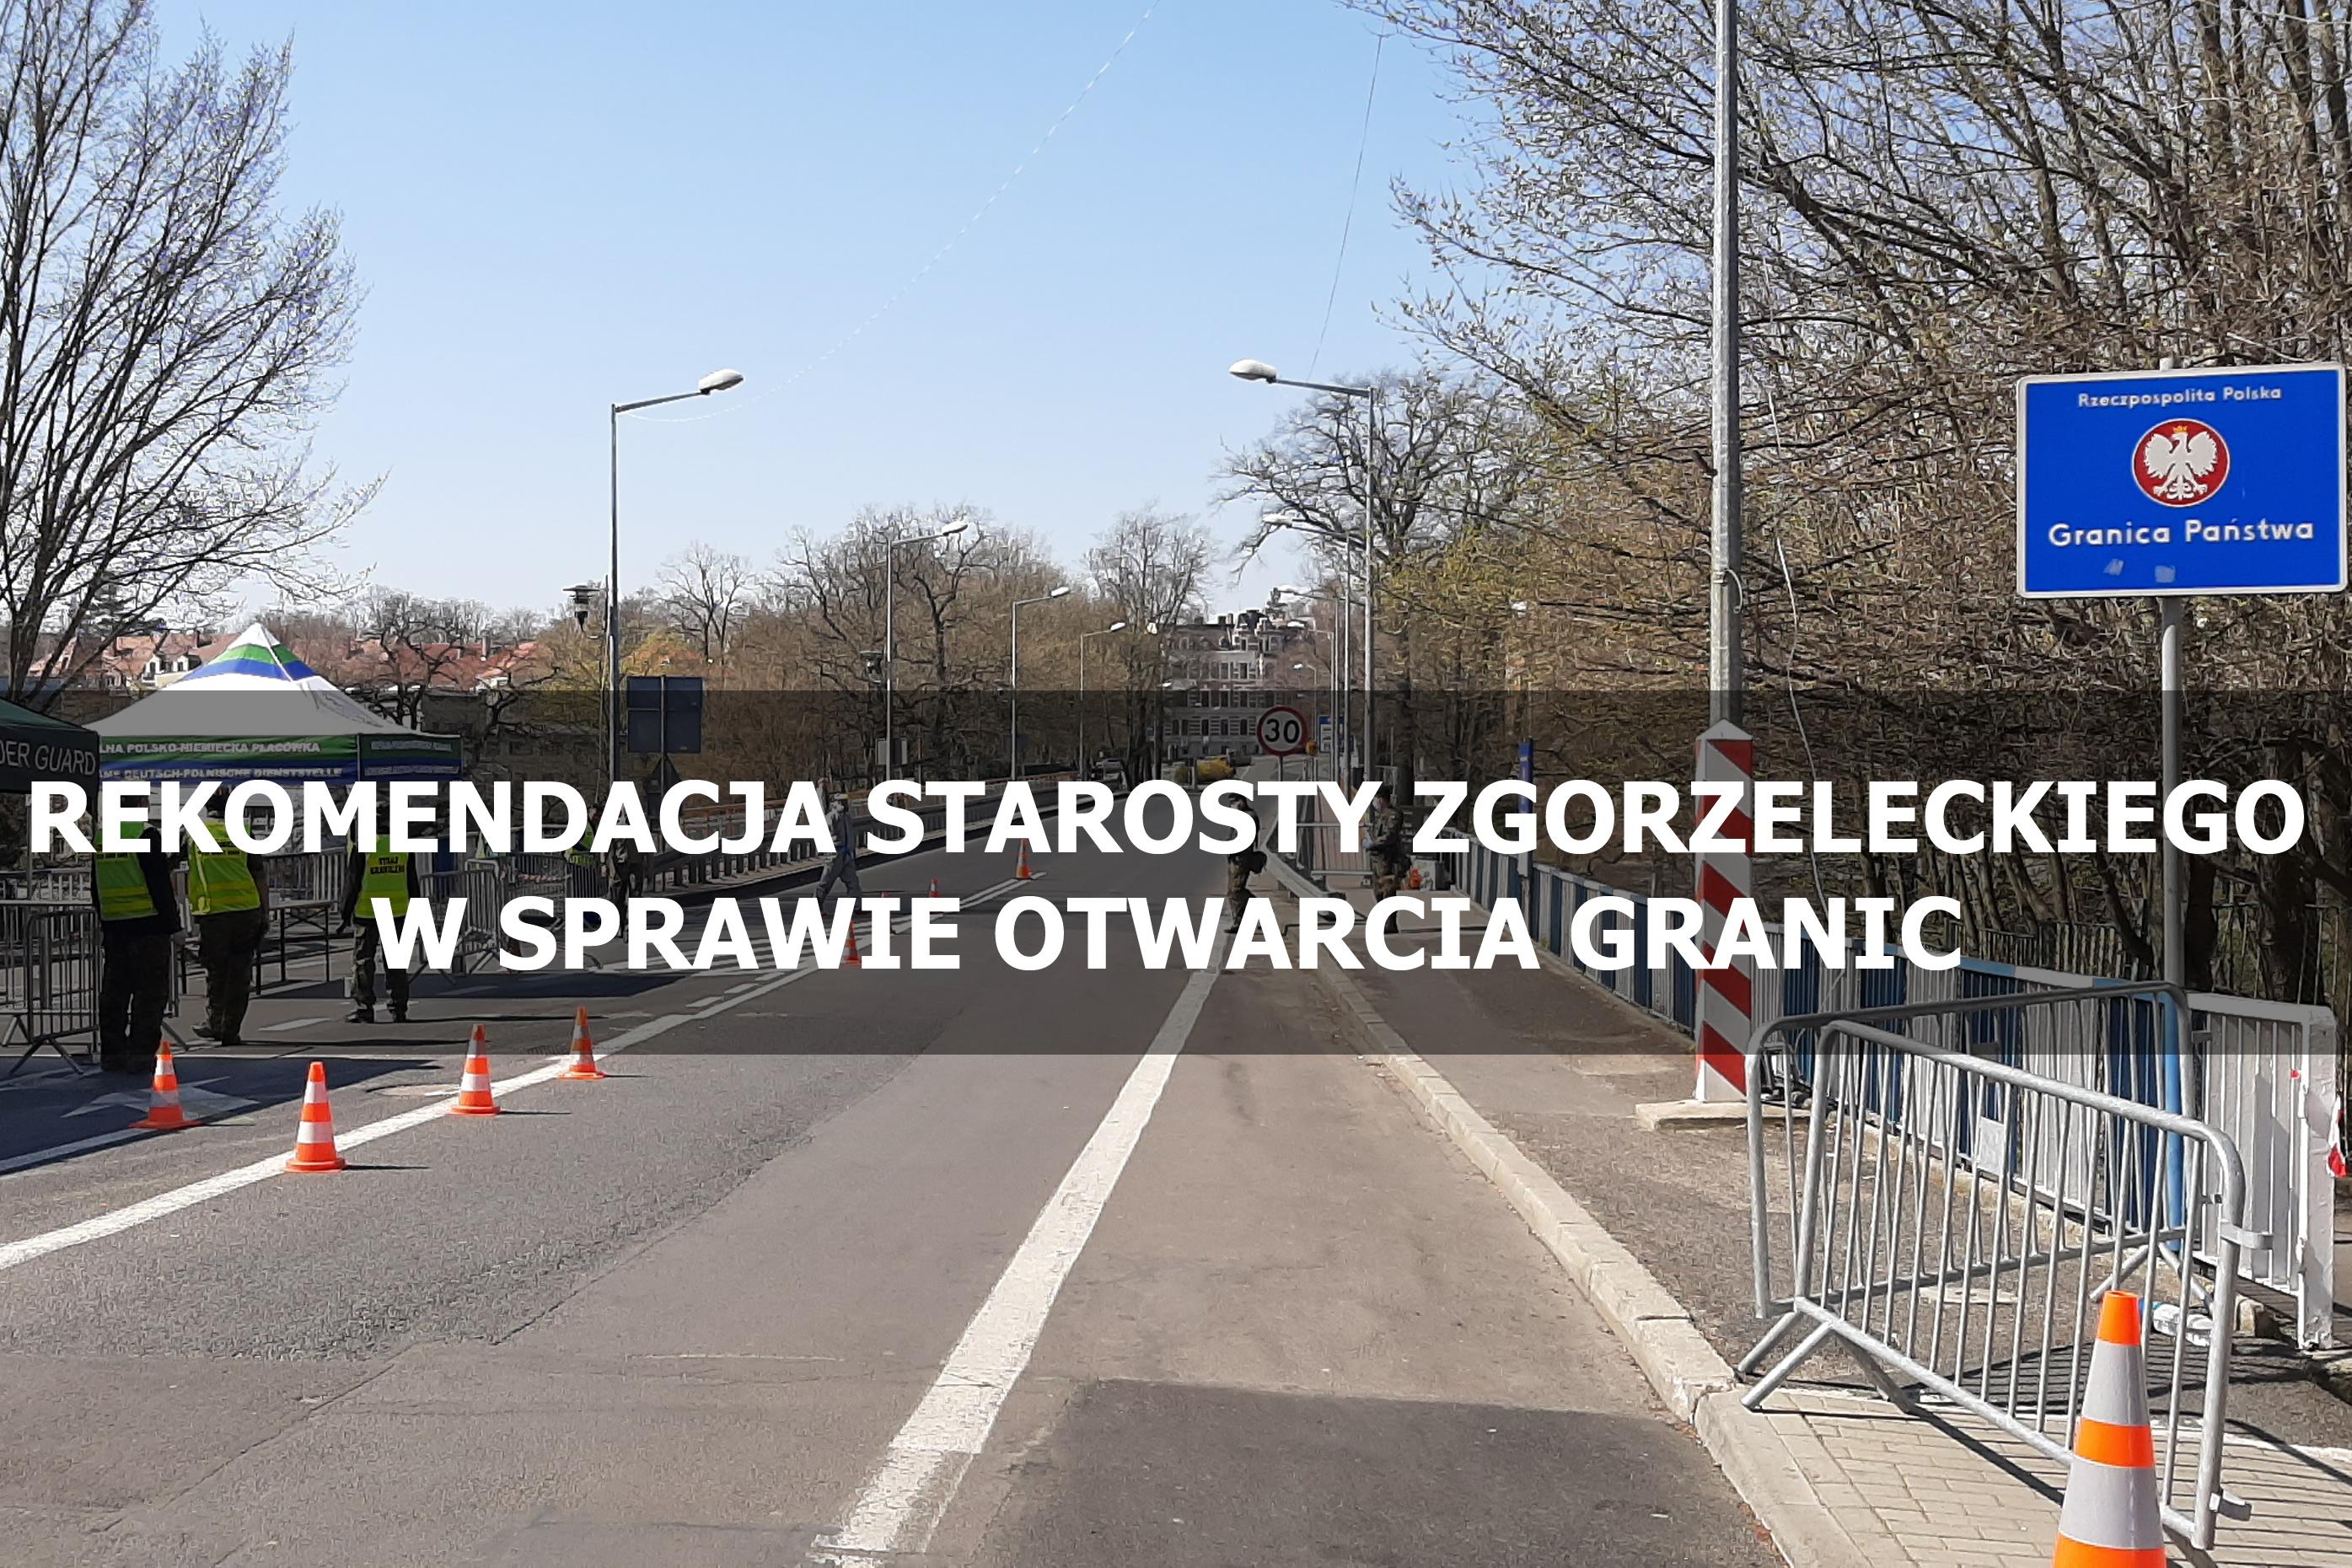 Rekomendacja Starosty Zgorzeleckiego ws. otwarcia granic